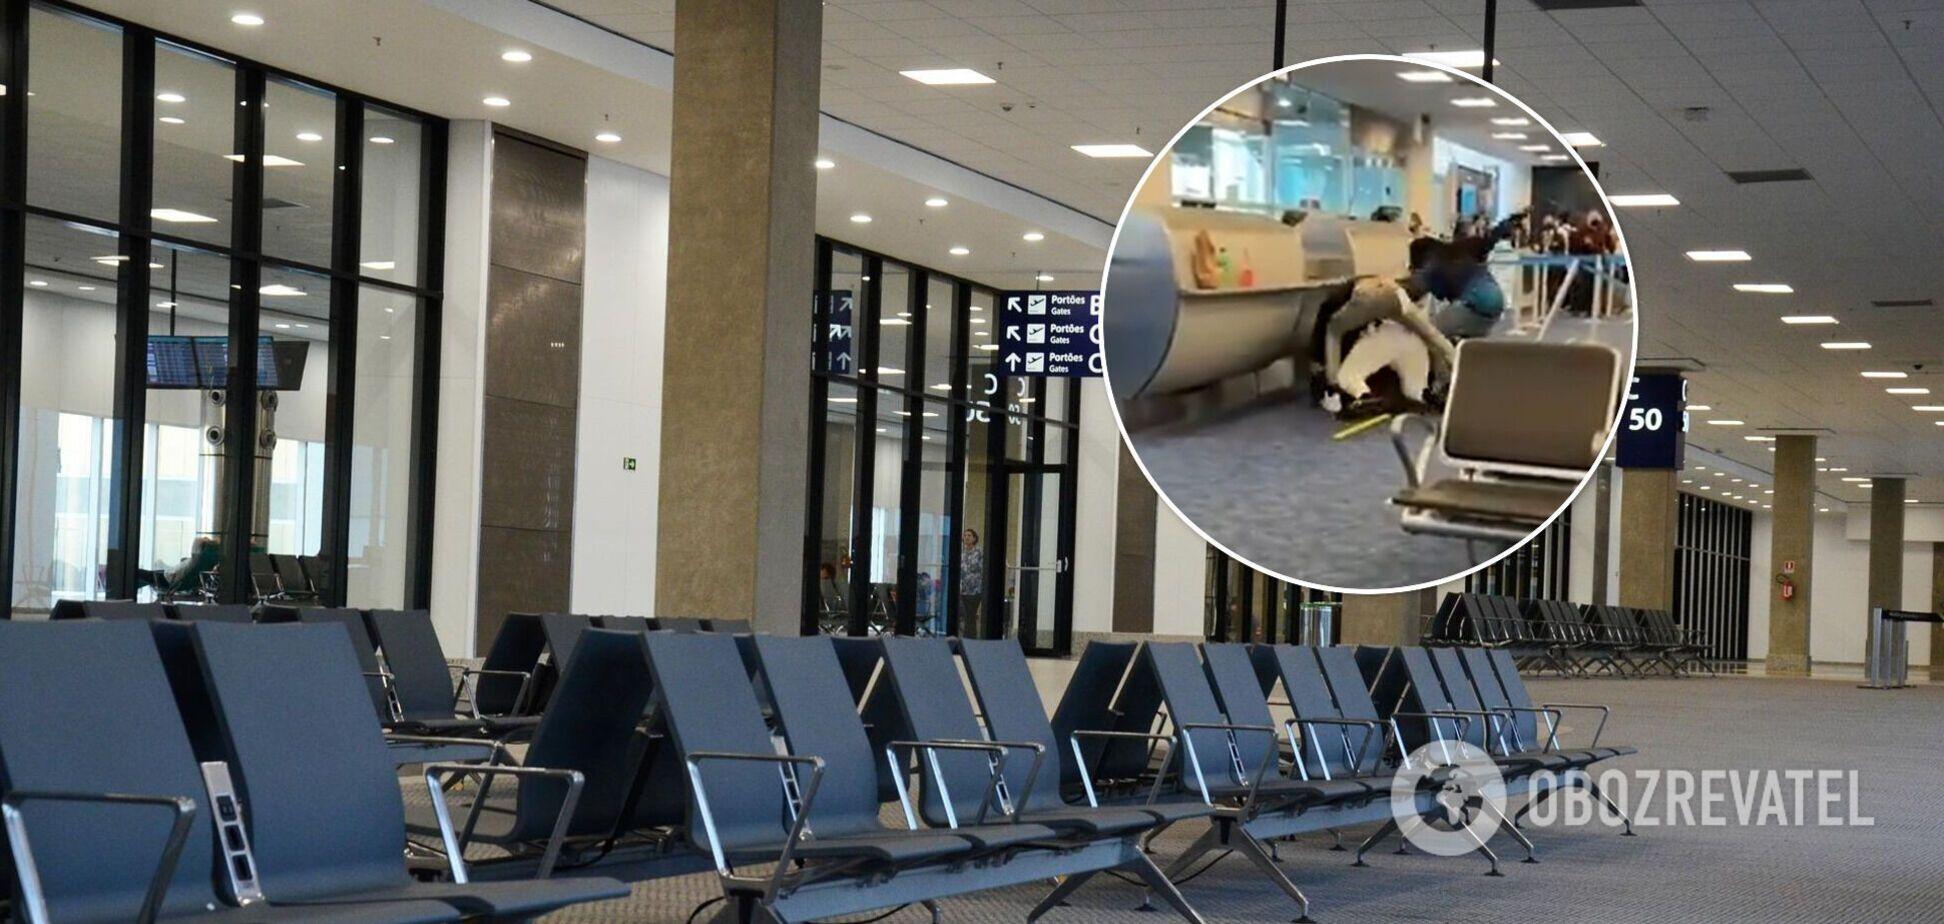 Пассажиры устроилидраку ваэропорту Майами